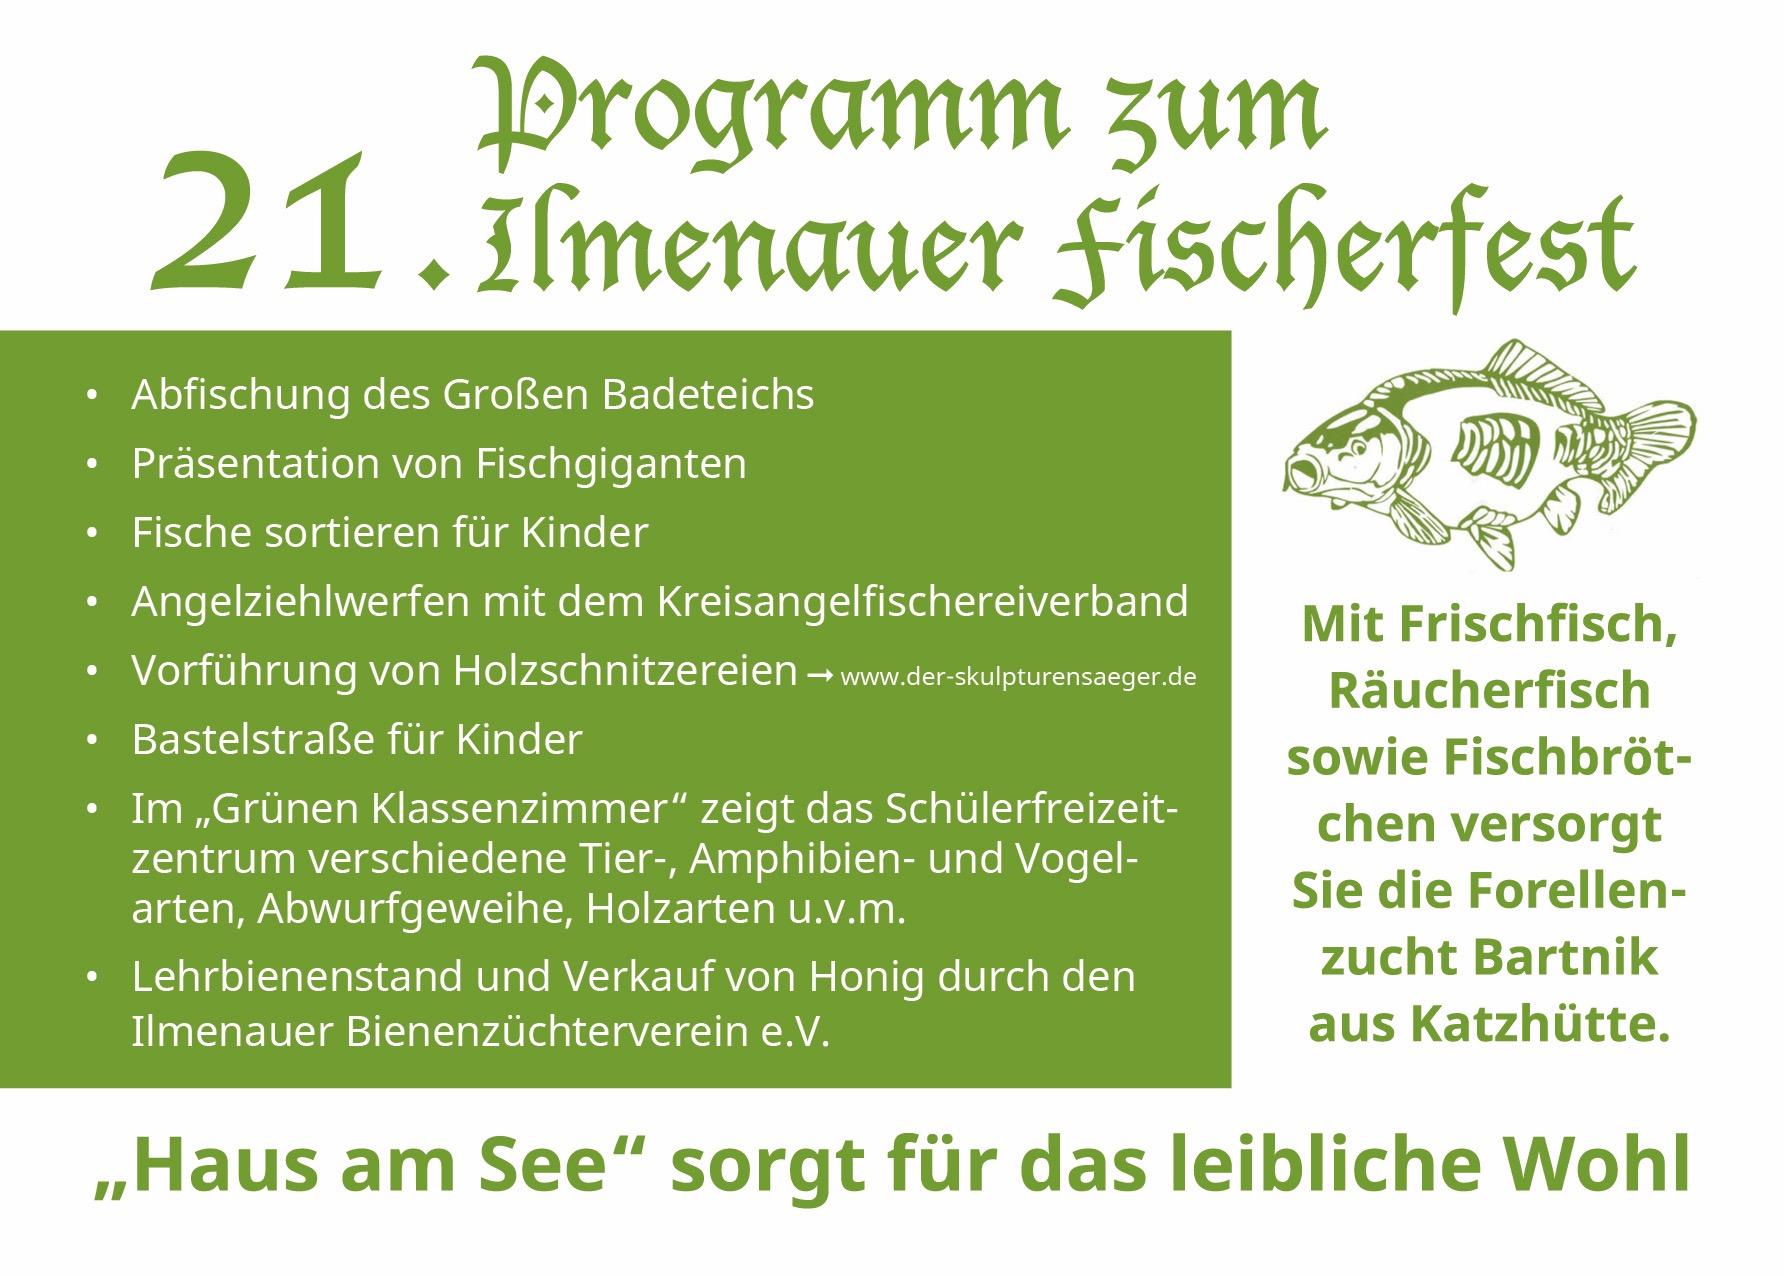 21. Ilmenauer Fischerfest Programm